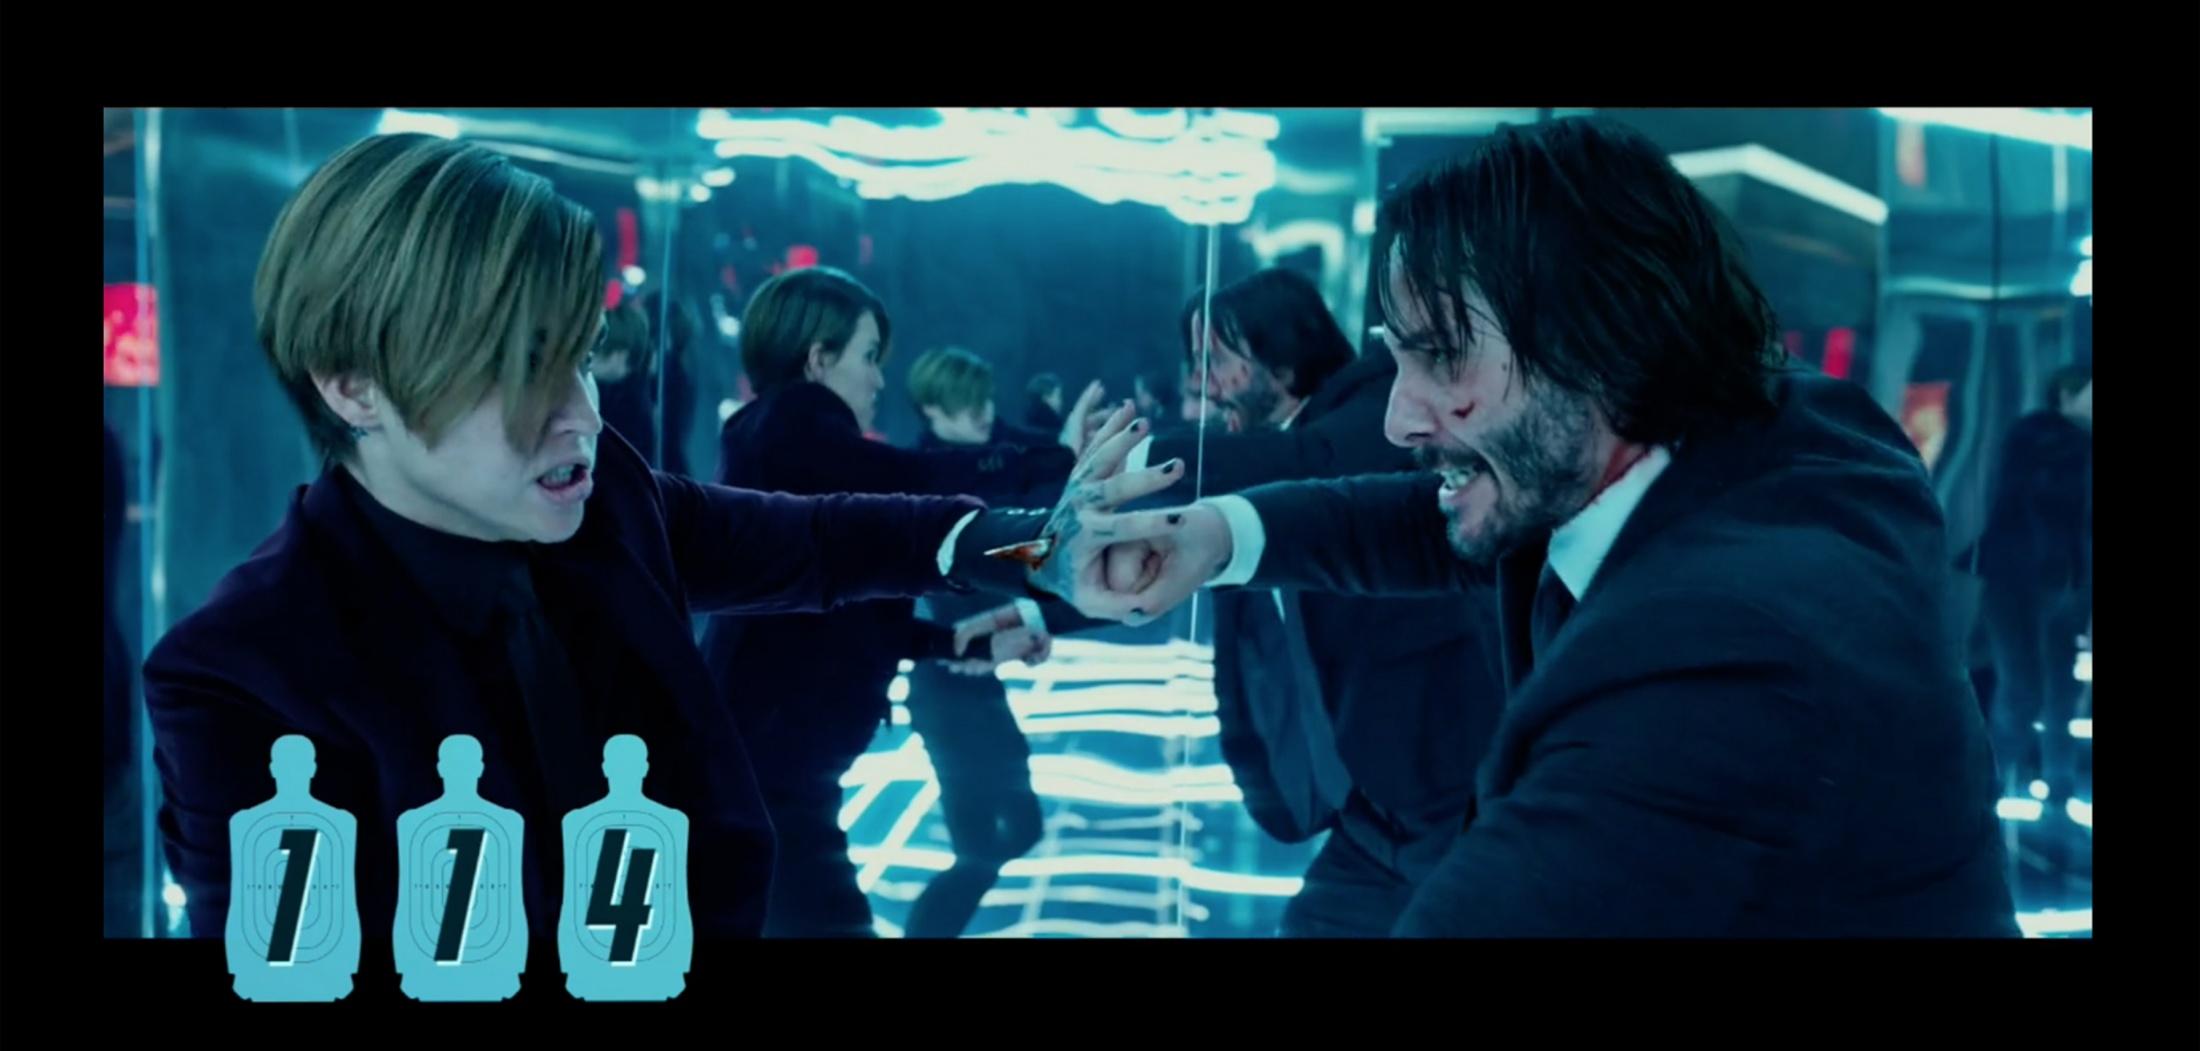 Thumbnail for John Wick 2: Kill Count